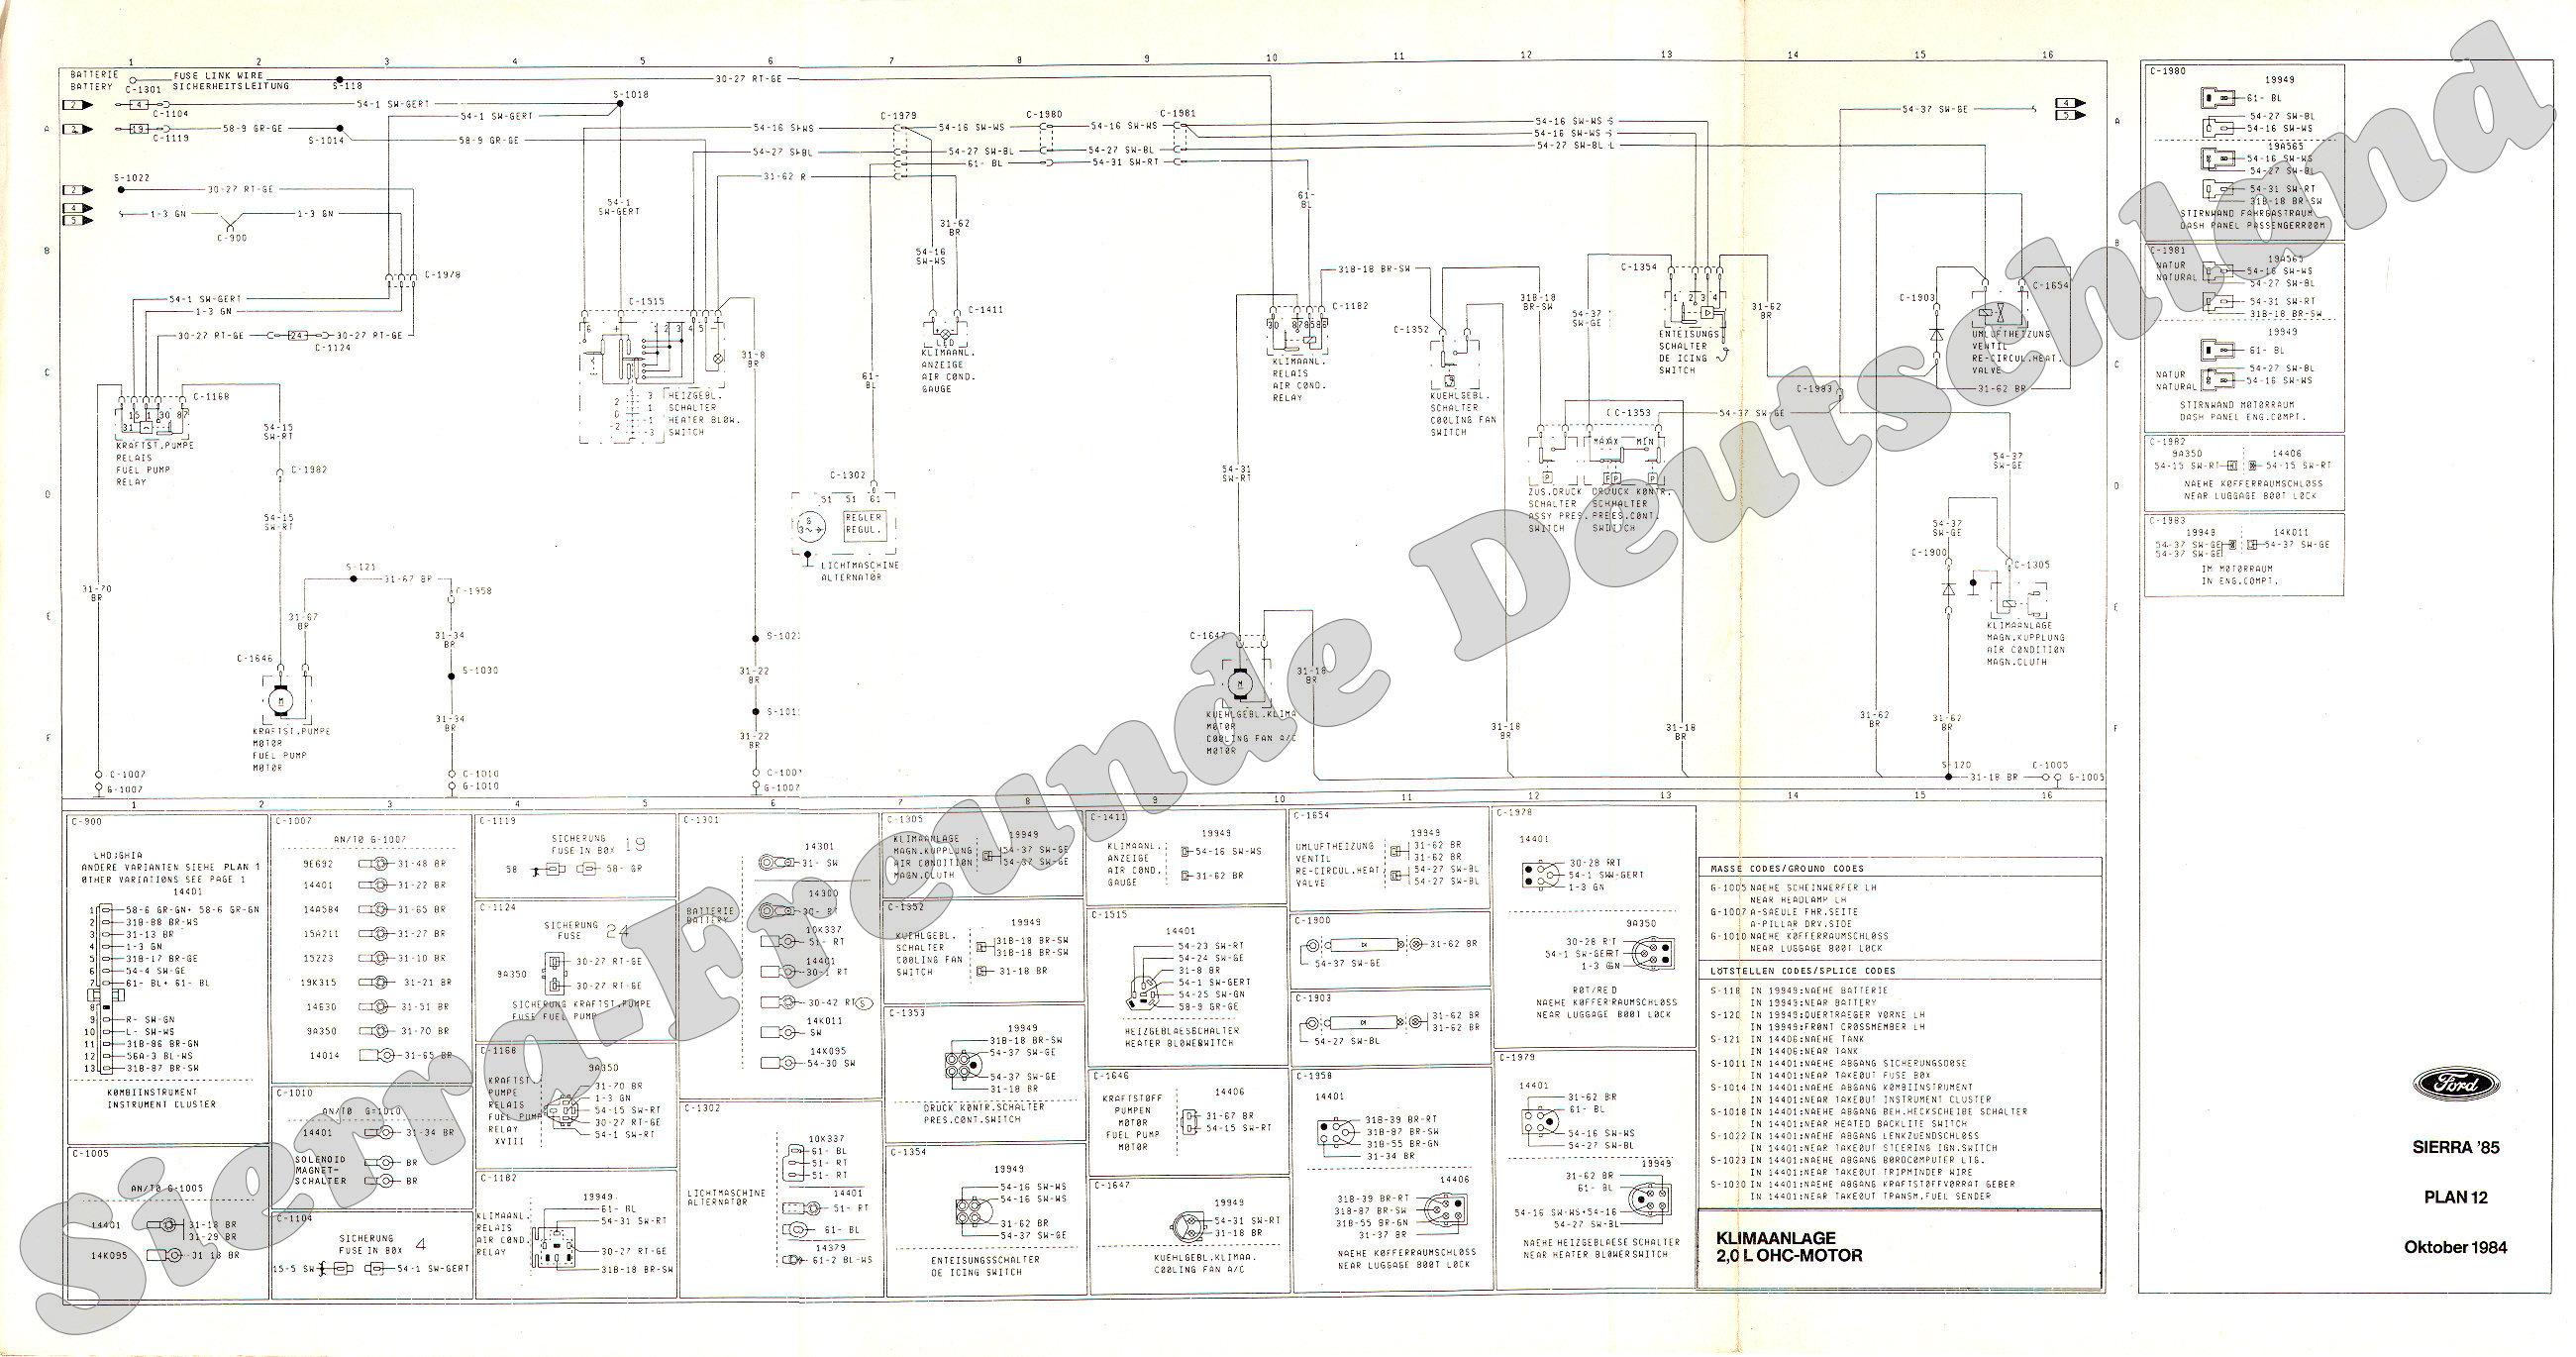 Ausgezeichnet Ford Sierra Schaltplan Fotos - Elektrische Schaltplan ...